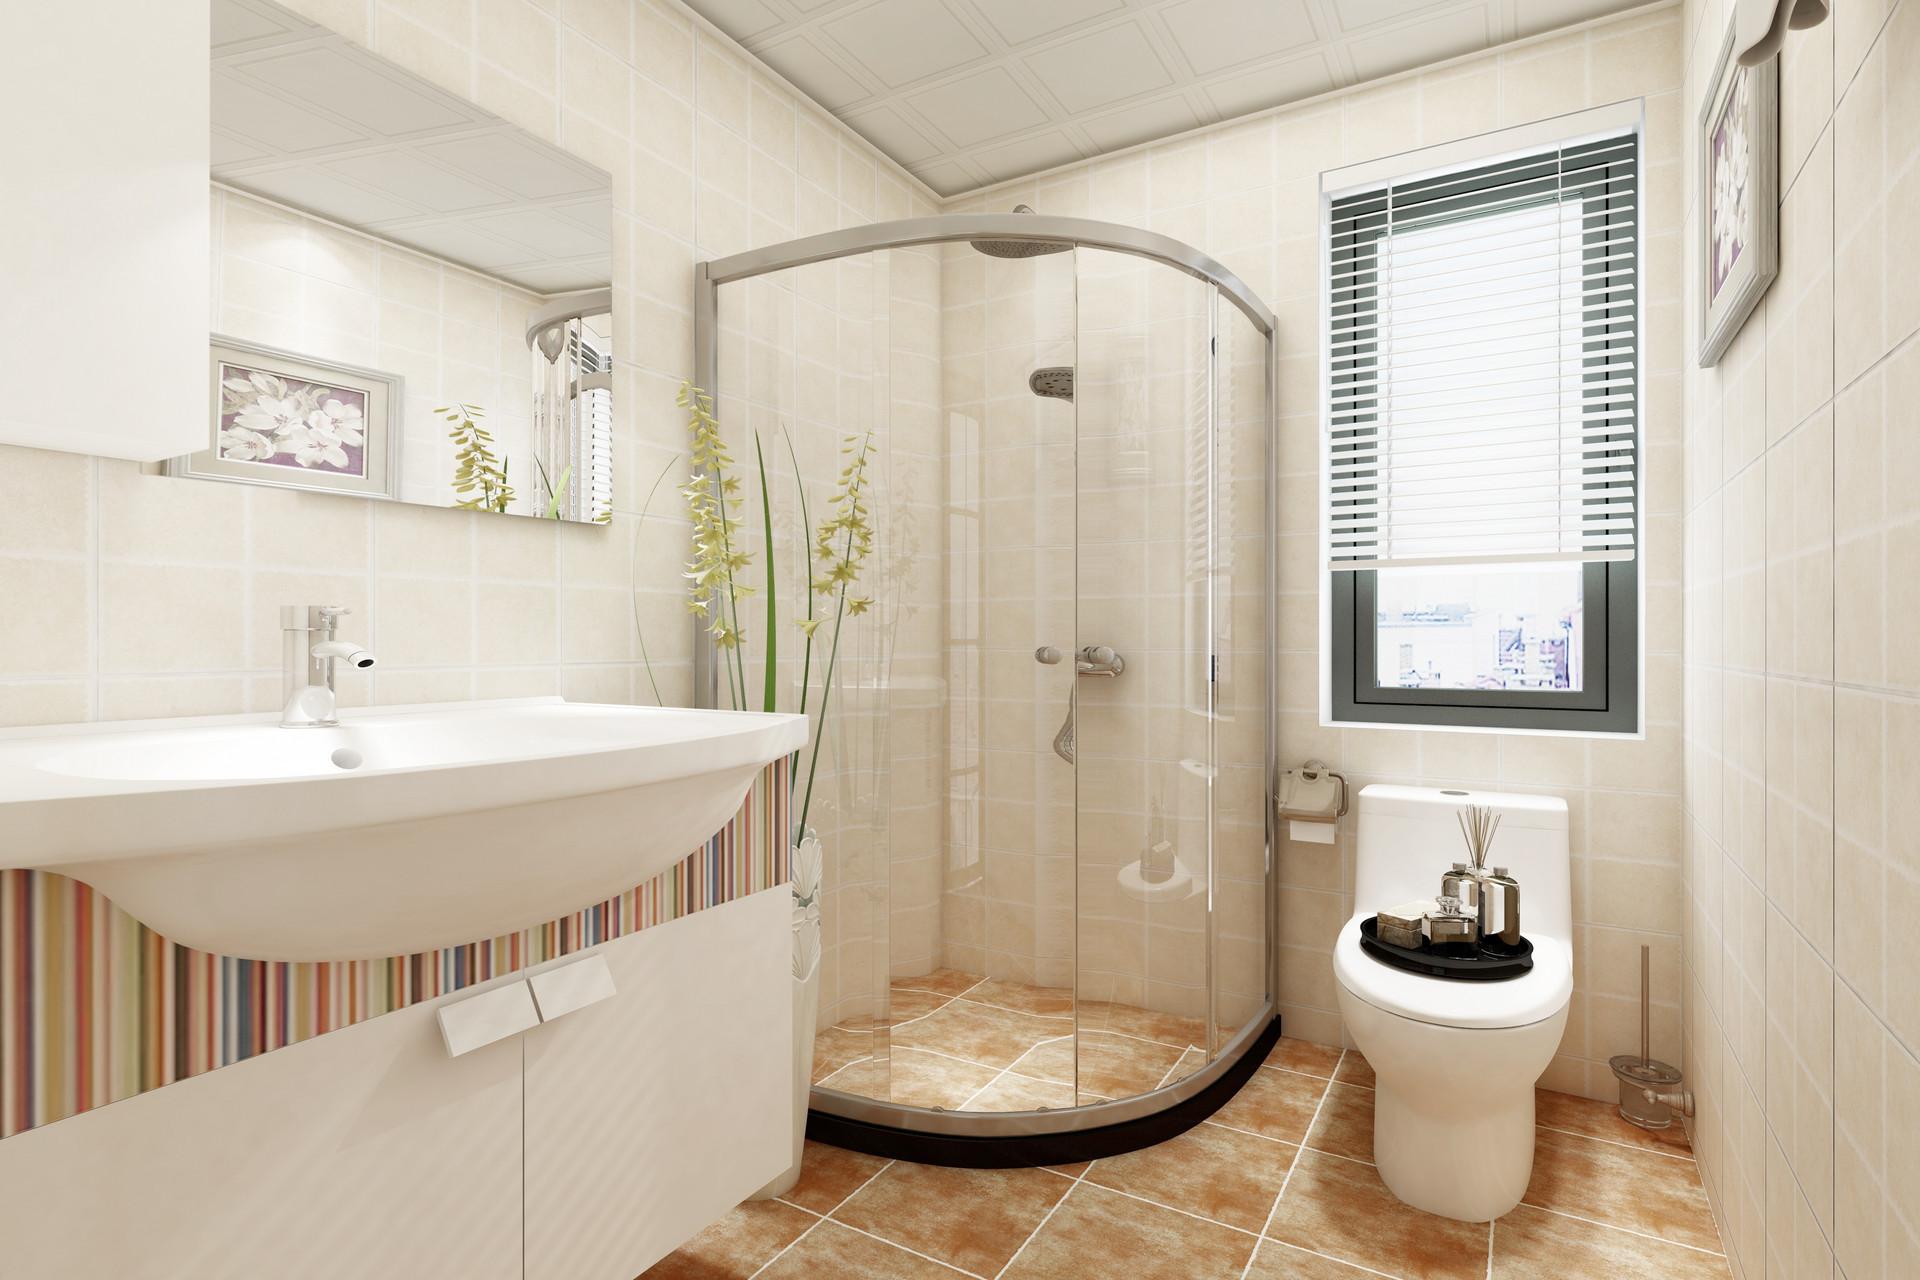 福州装修公司有家装饰给你支招:卫生间装修怎么省钱?